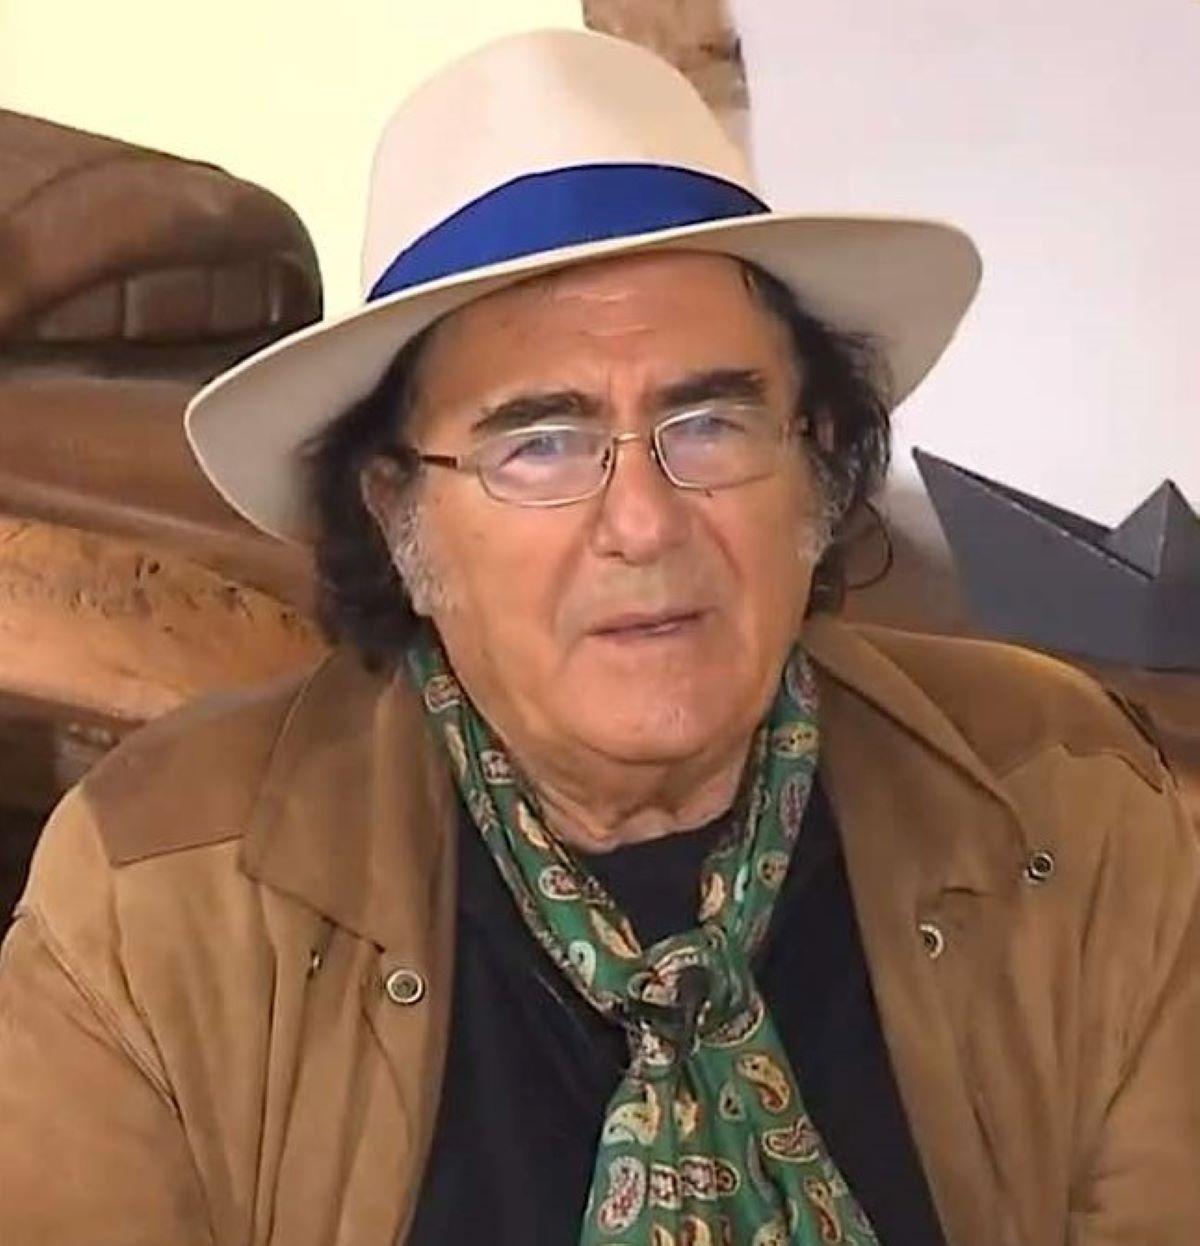 Albano Carrisi Problemi Ballando con le stelle Annuncio Alberto Matano